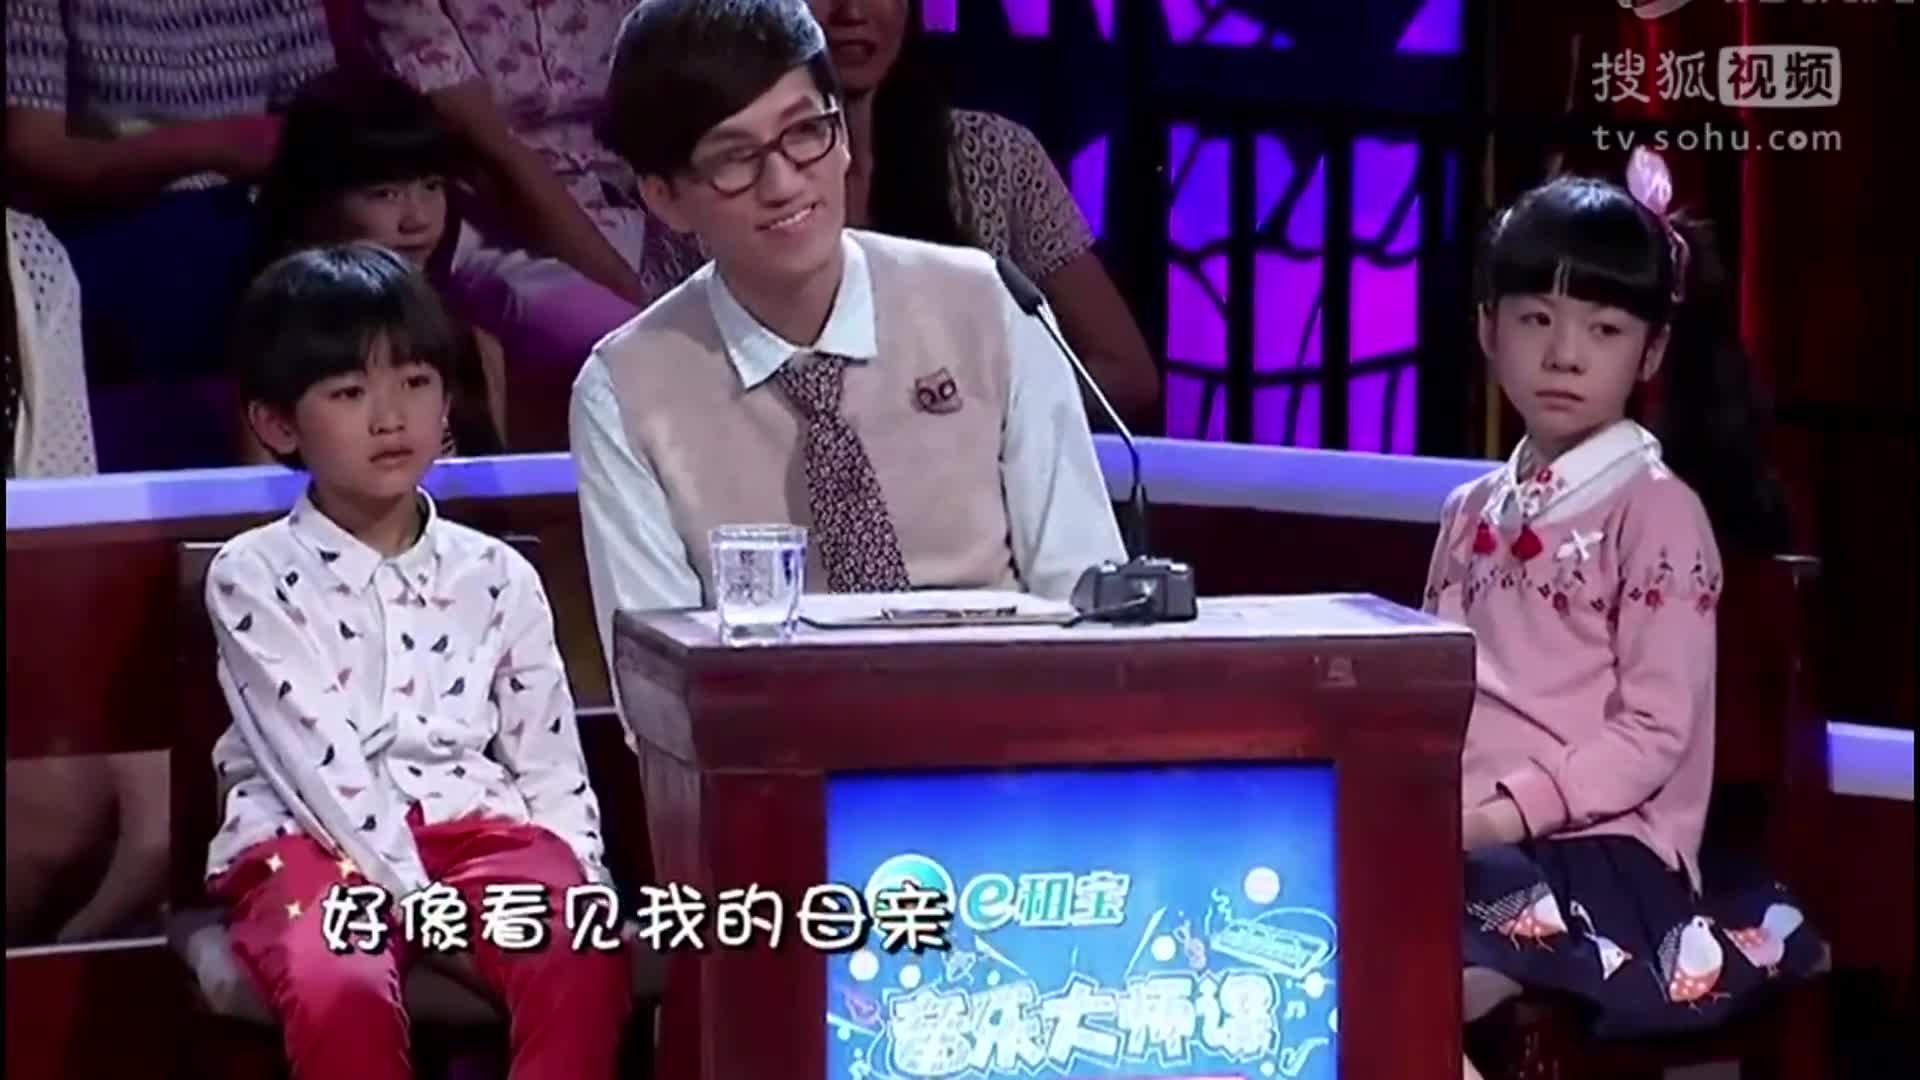 《音乐大师课》第一季 吴文瑄 宫瑜聪 合唱 可爱的家 高清版-综艺.